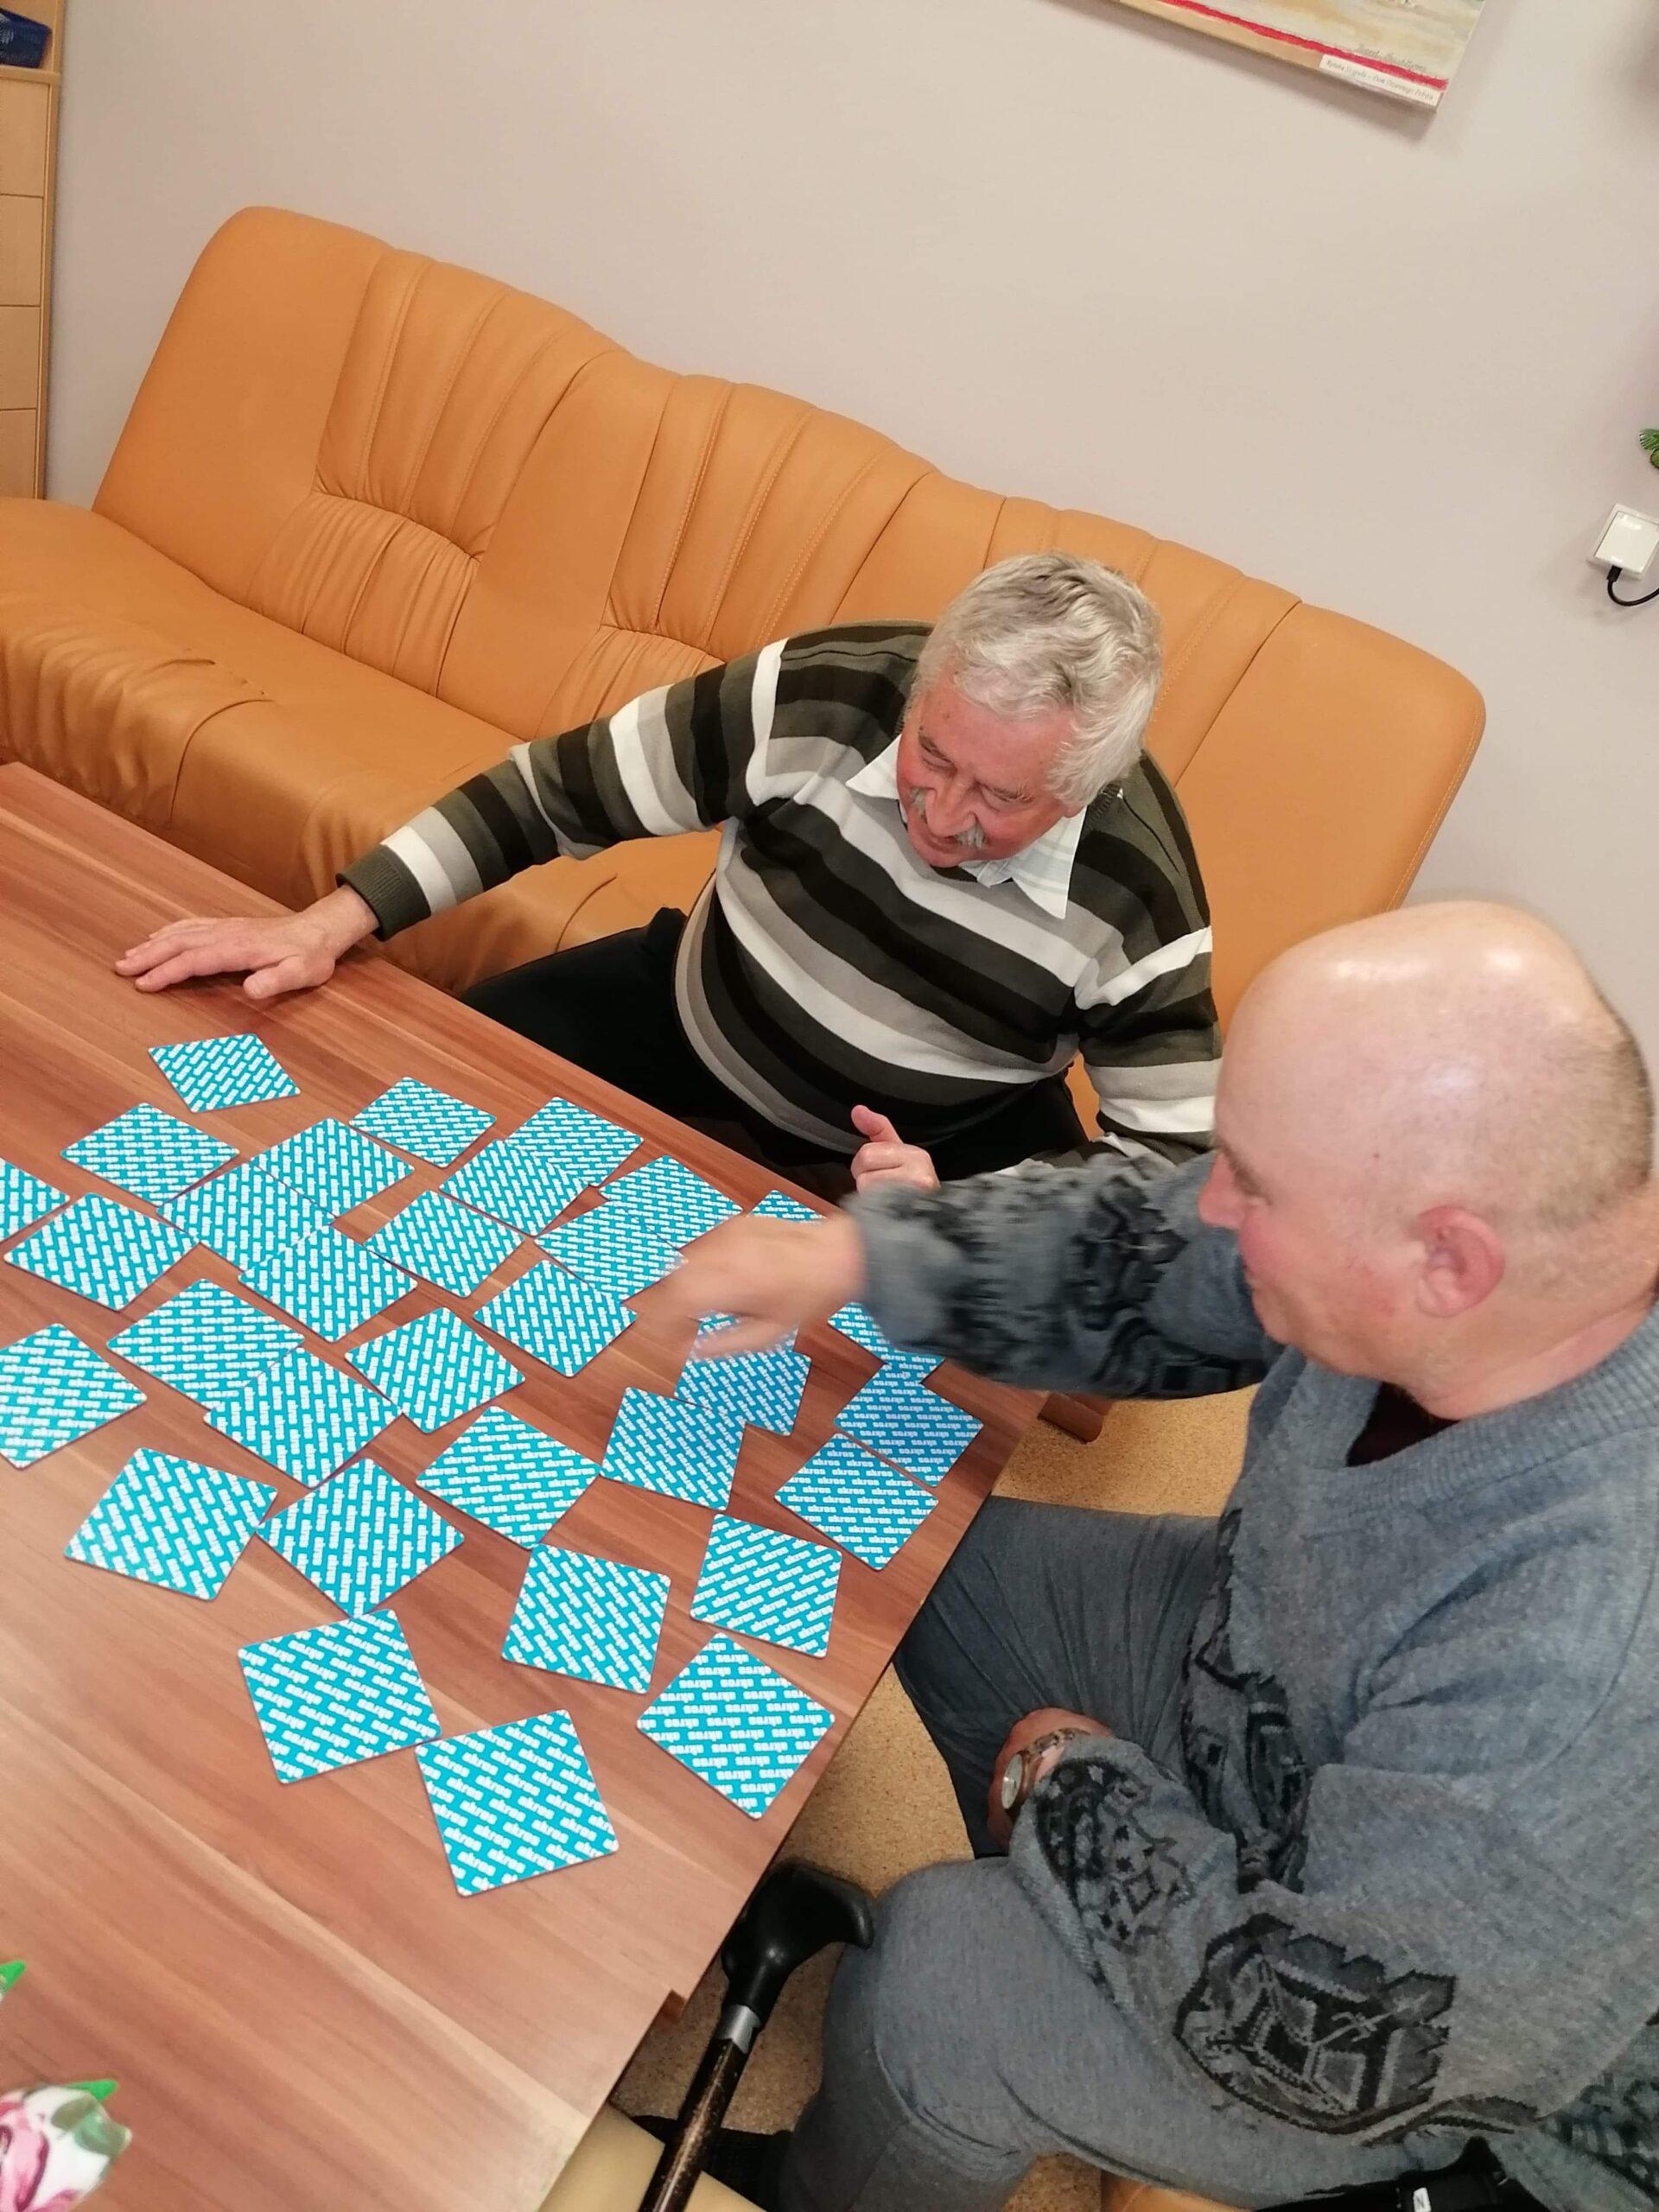 zdjęcie seniorów grających w karty